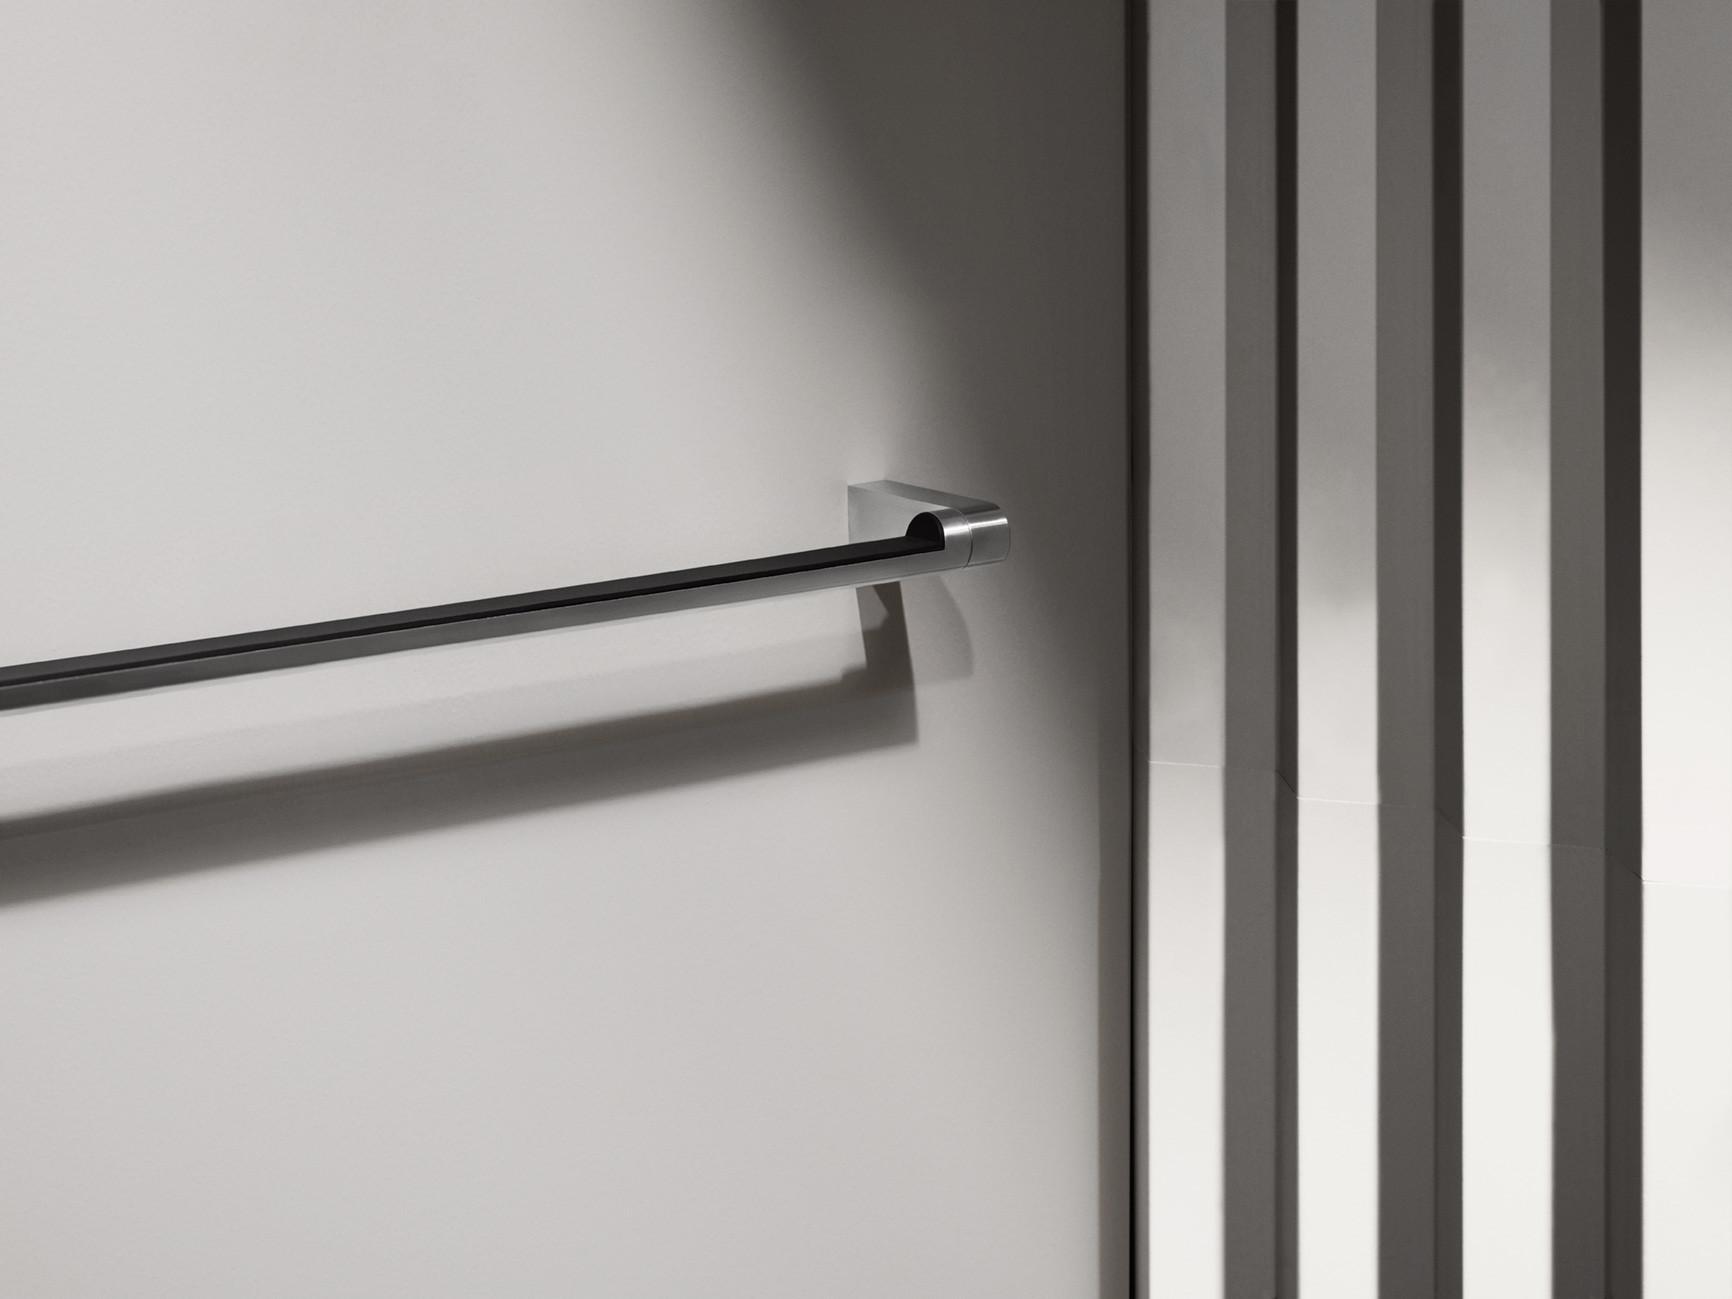 VIPP Towel Bar VIPP8, 00801, 5705953000033